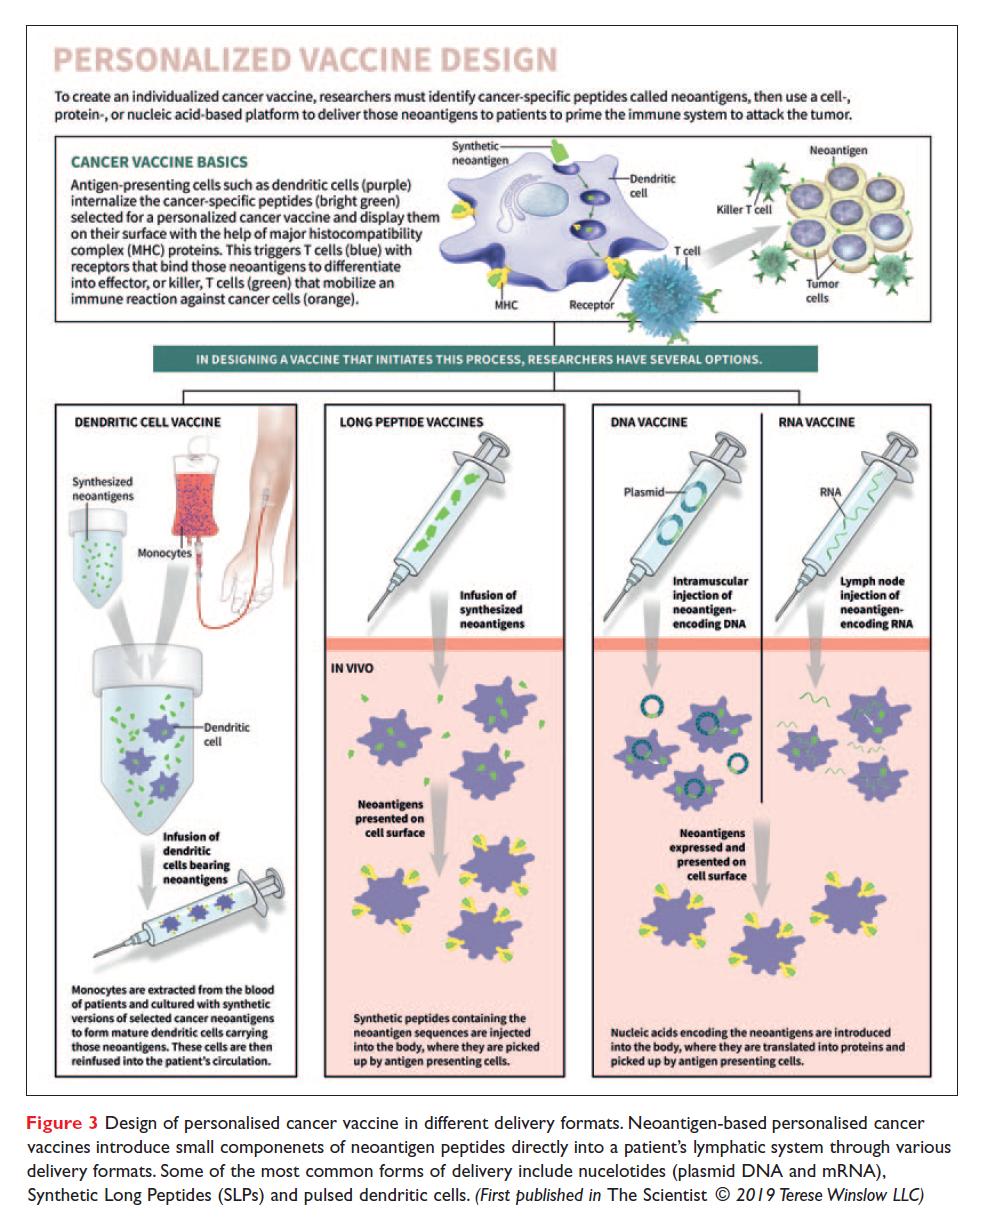 Figure 3 Personalized vaccine design